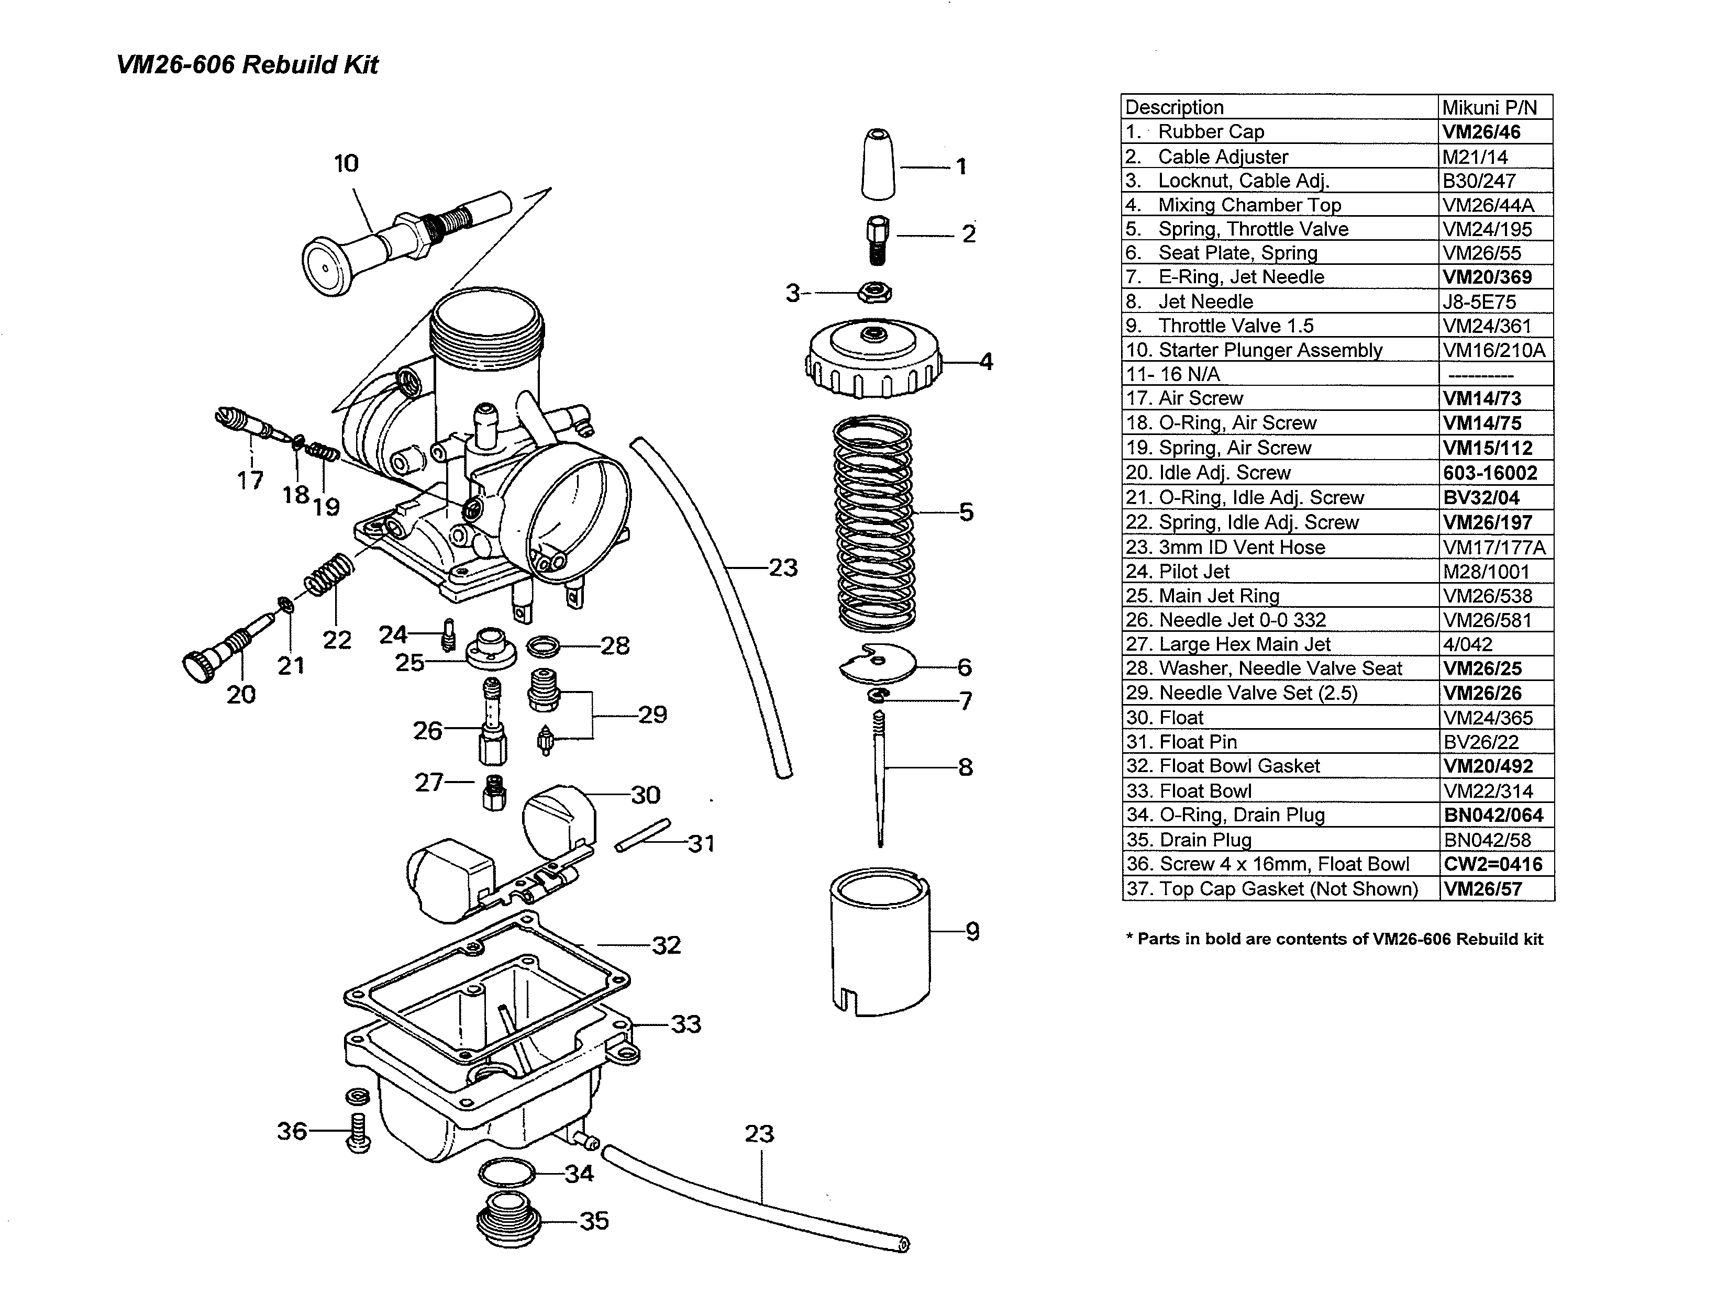 Mikuni 22mm Carb Diagram